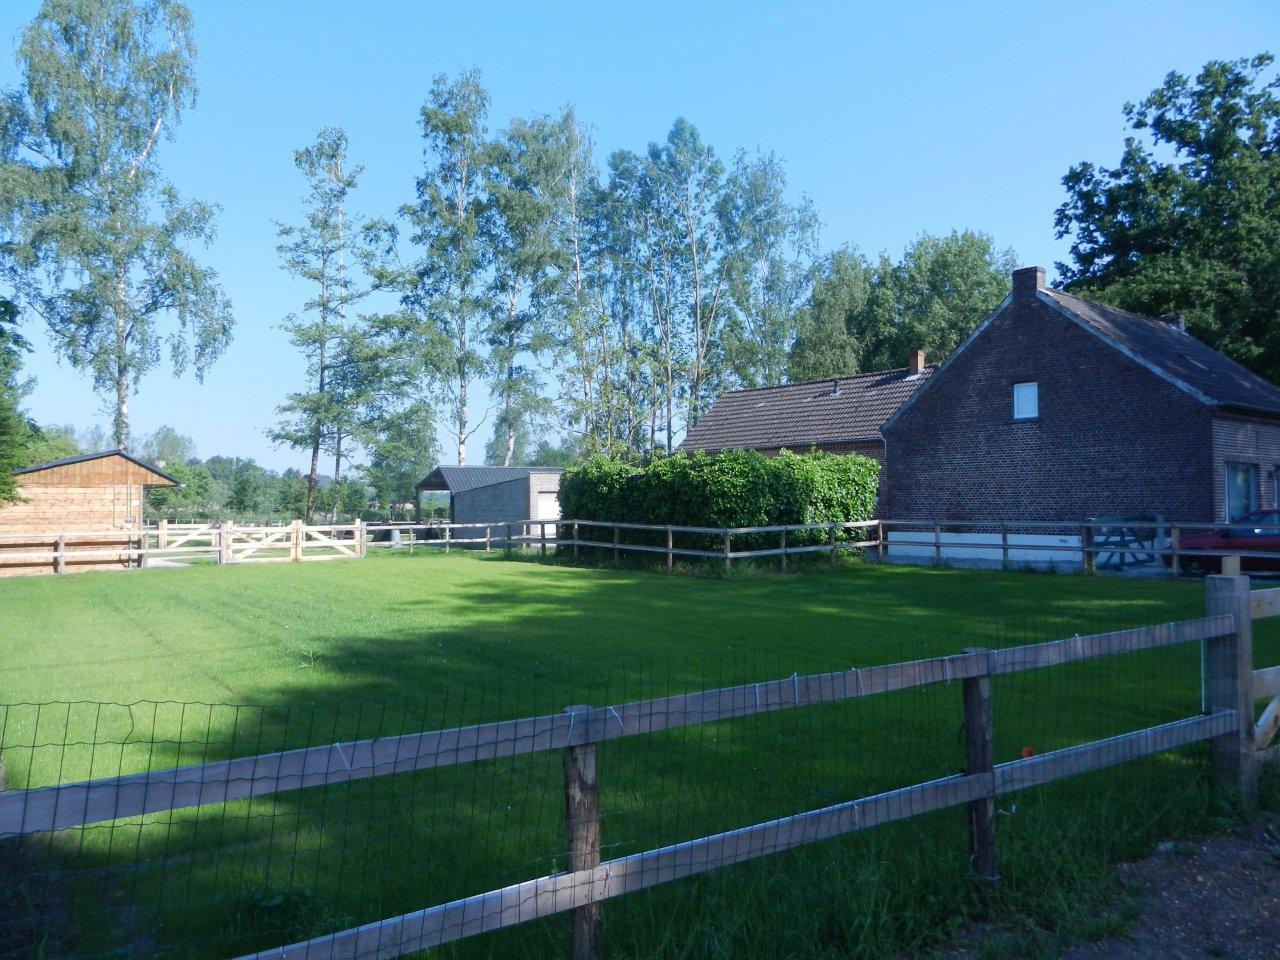 Te huur in belgie boerderij met paardenstallen en weiland for Weiland te huur